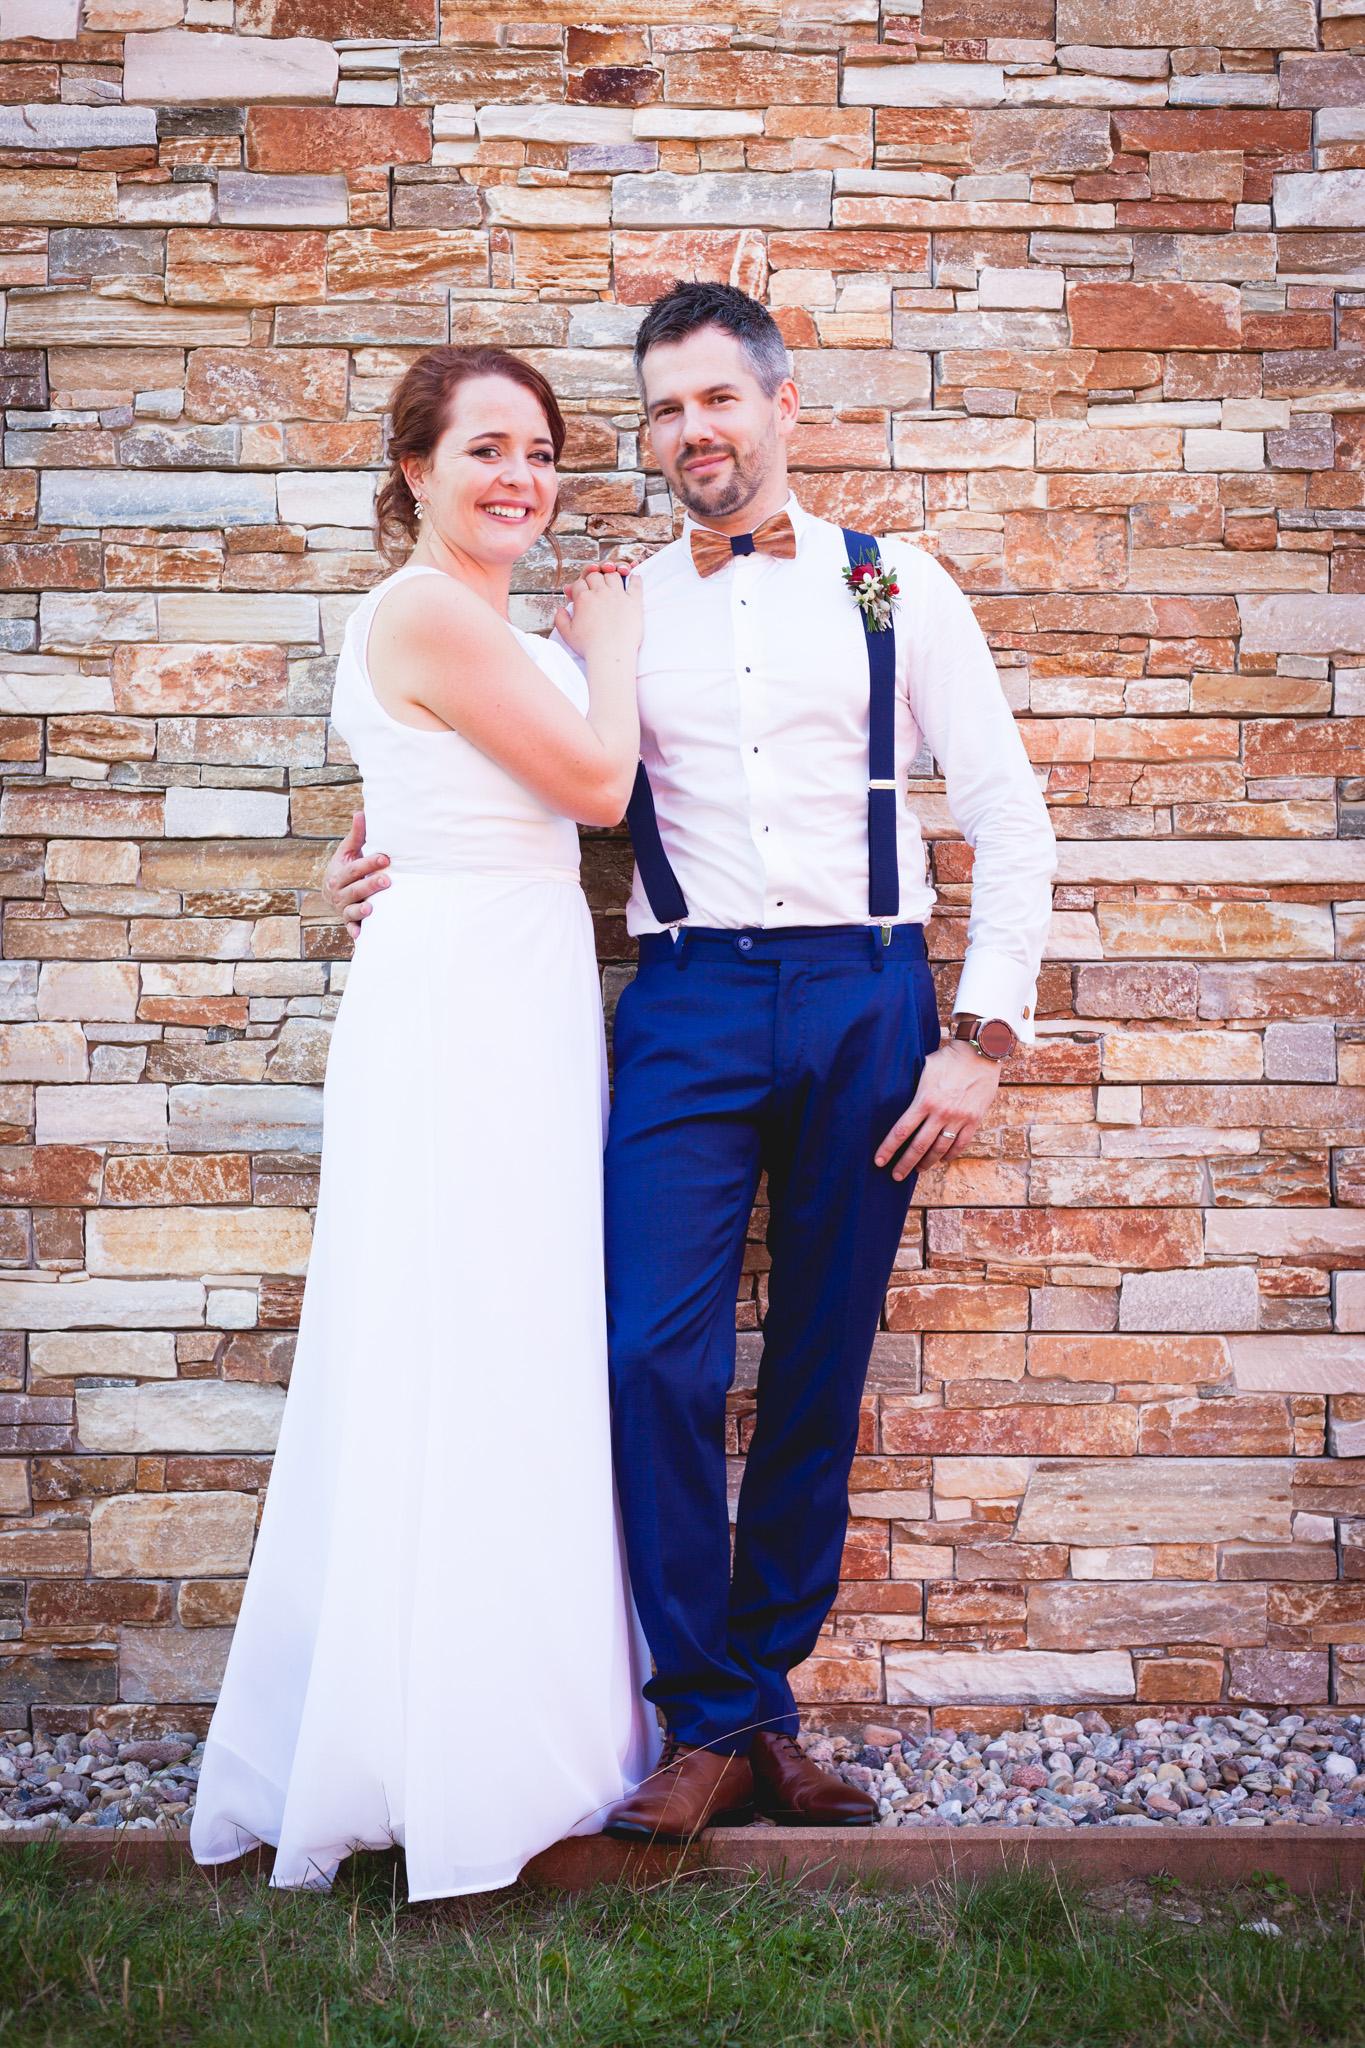 Svatební portrét nevěsty a ženicha u zdi